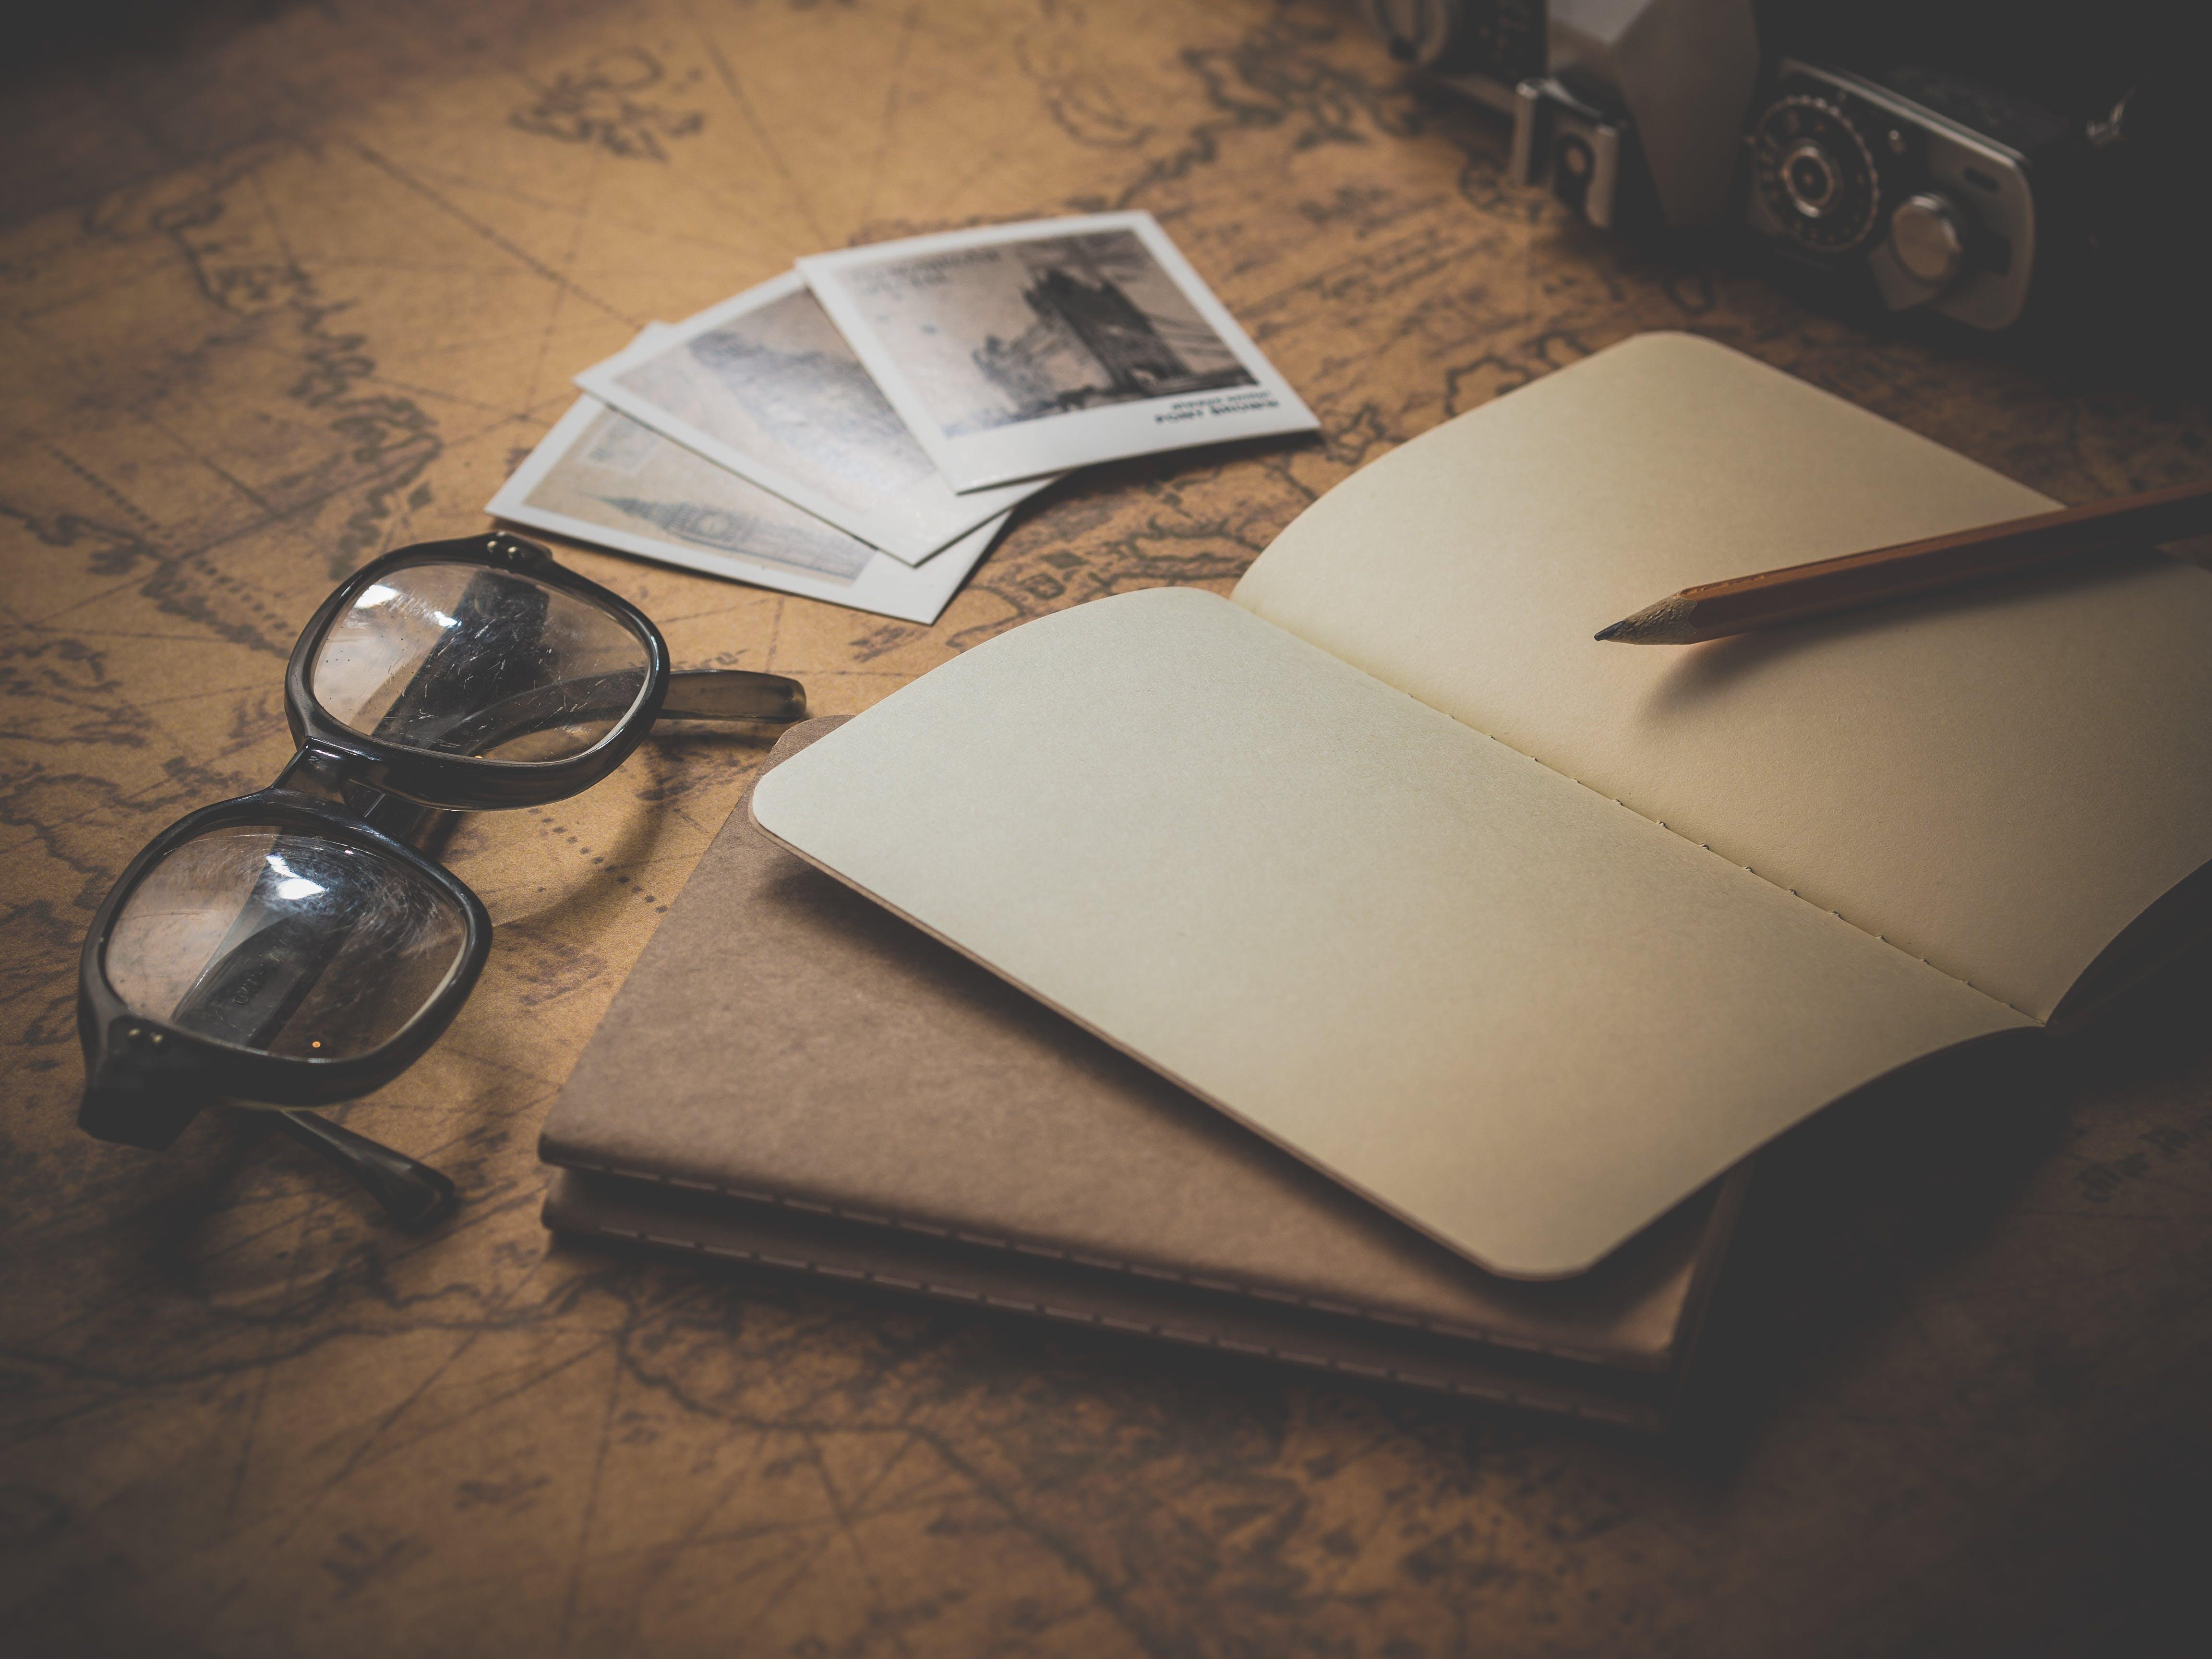 Black Frame Eyeglasses Beside Open Book